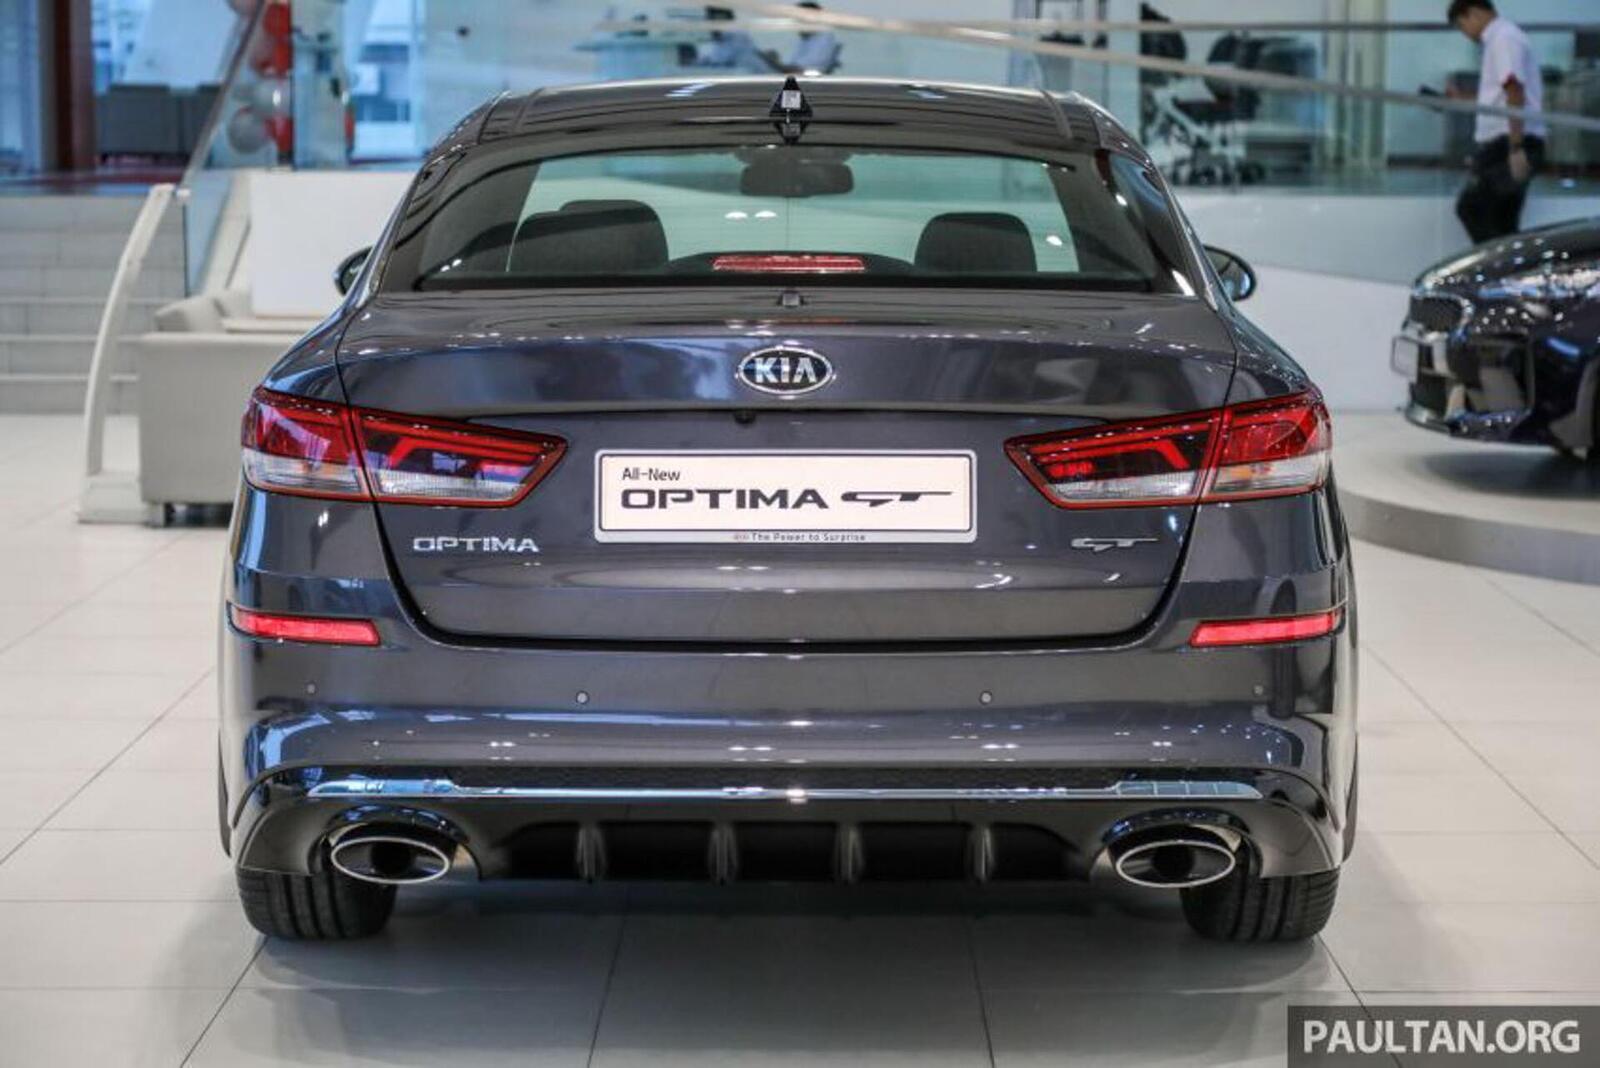 Kia Optima phiên bản nâng cấp facelift mới nhất đã có mặt tại Việt Nam - Hình 11